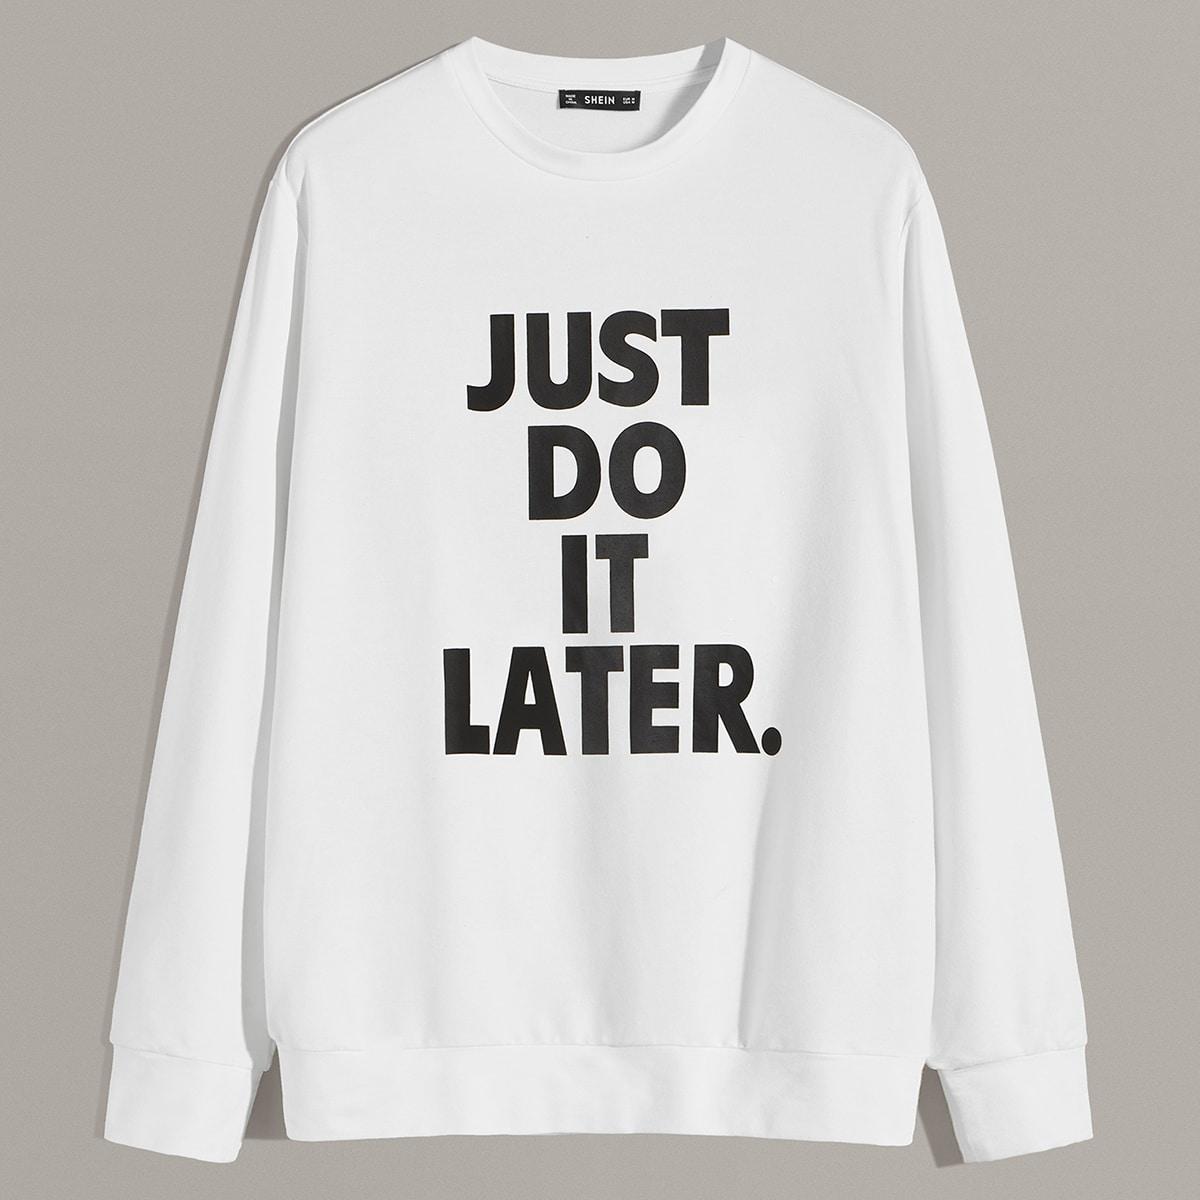 SHEIN / Männer Slogan Graphic Pullover